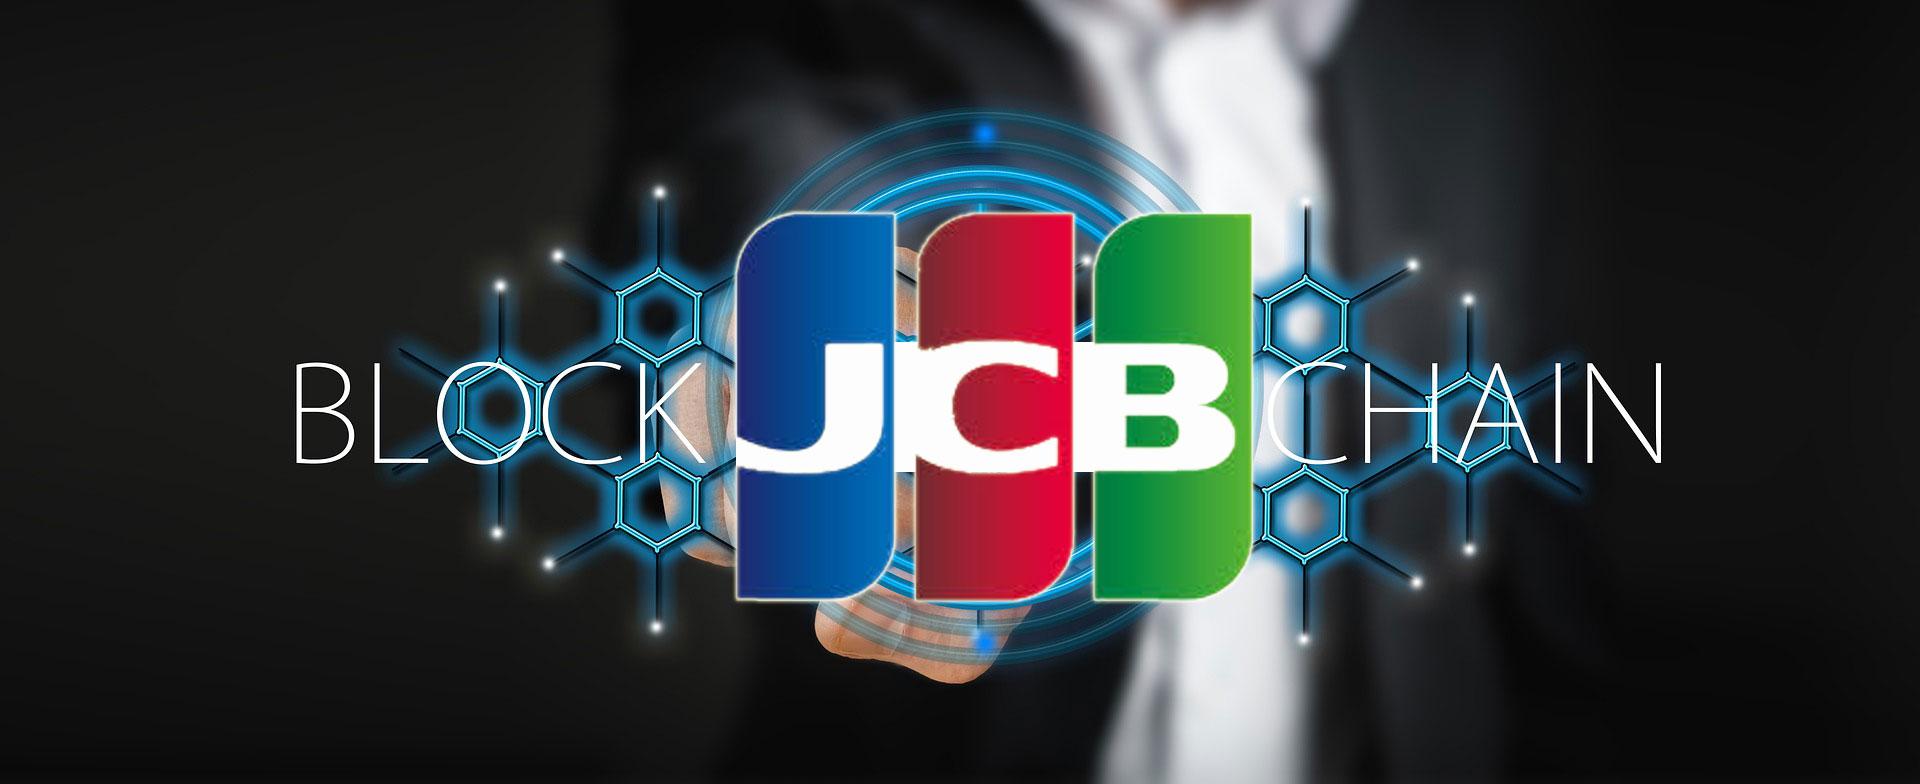 クレジットカード会社「JCB」、デジタル・キャッシュレス化に向けてブロックチェーンシステム導入へ!